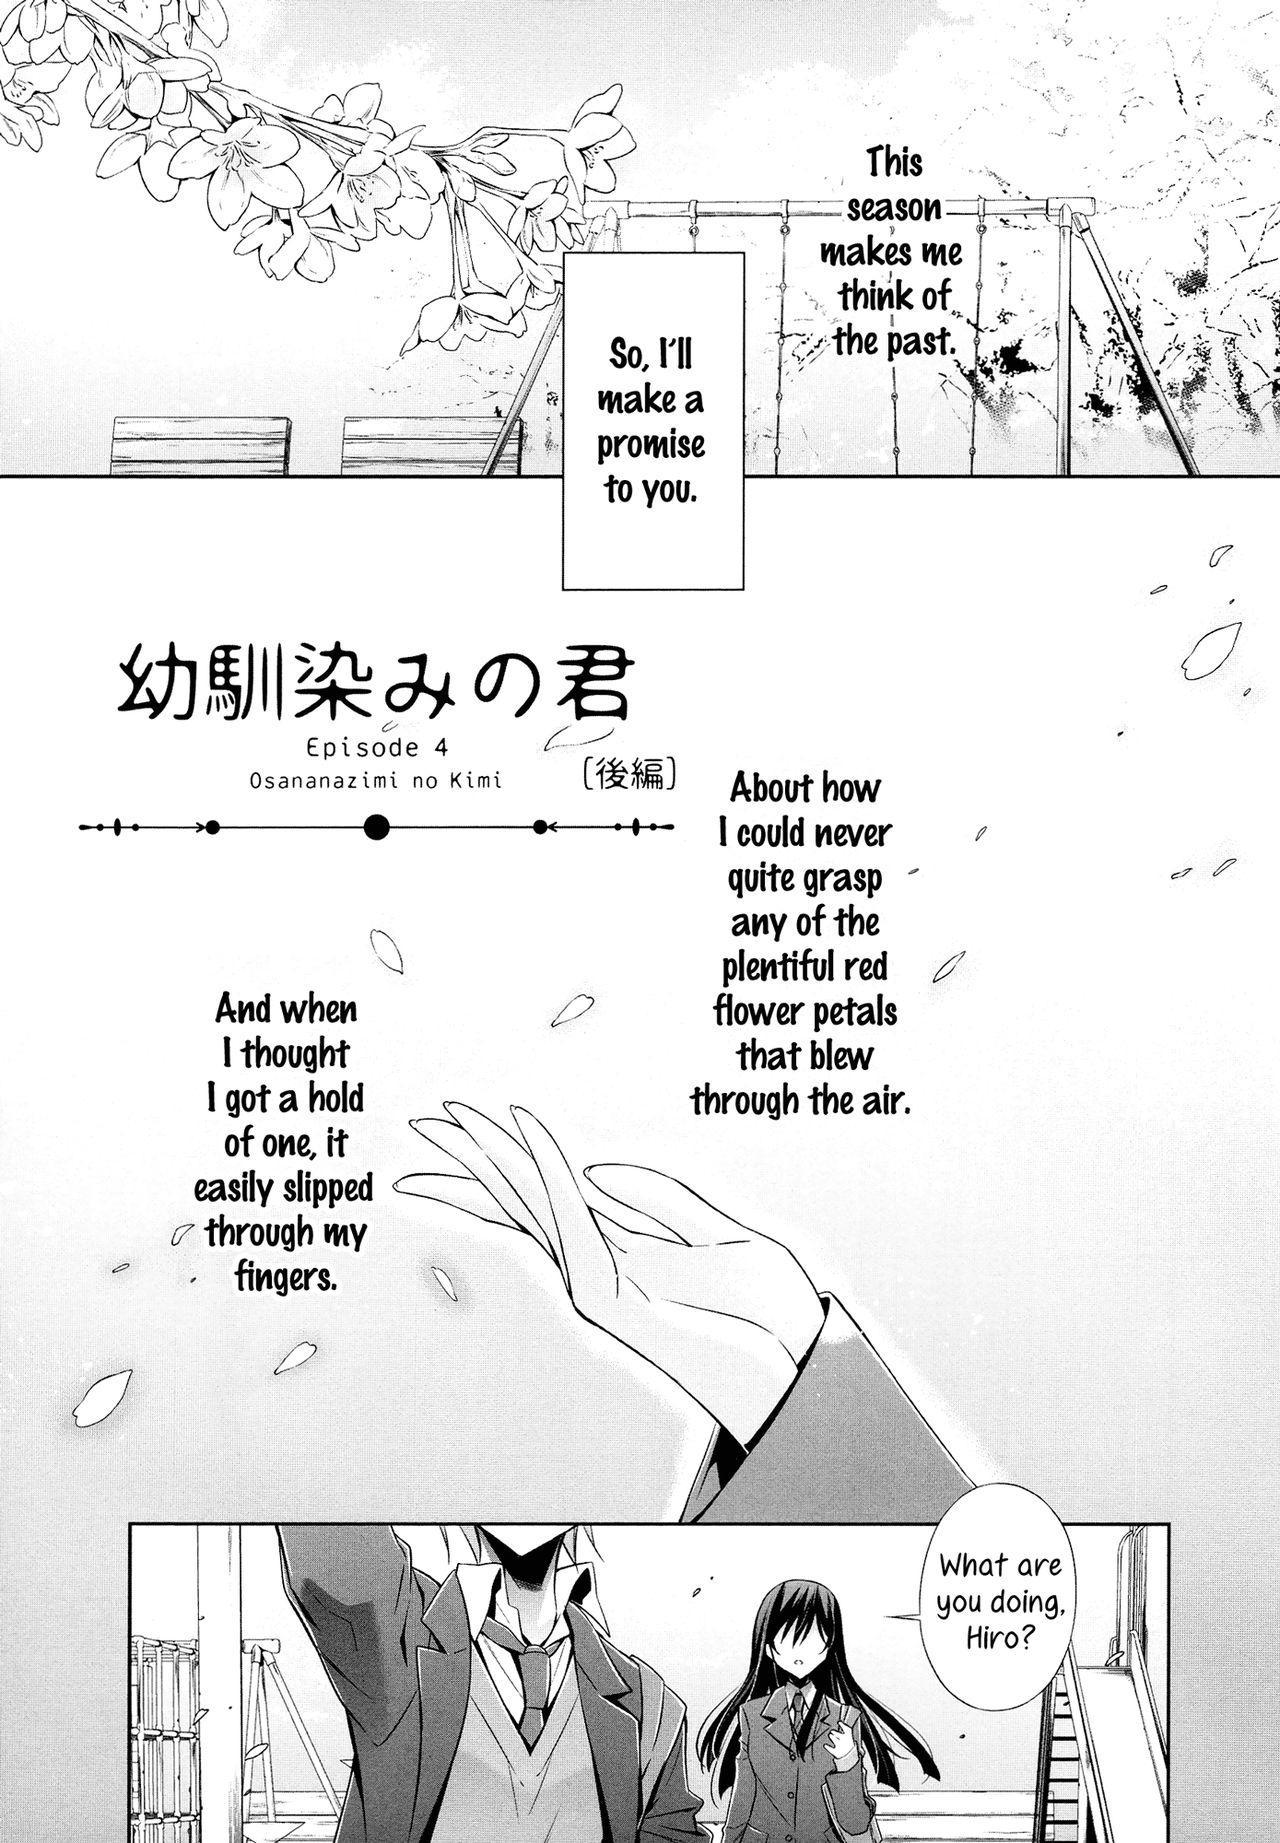 [Takano Saku] Osananajimi no Kimi - Kouhen | You, My Childhood Friend - Part 2 (Kanojo to Watashi no Himitsu no Koi) [English] [Yuri-ism] 0